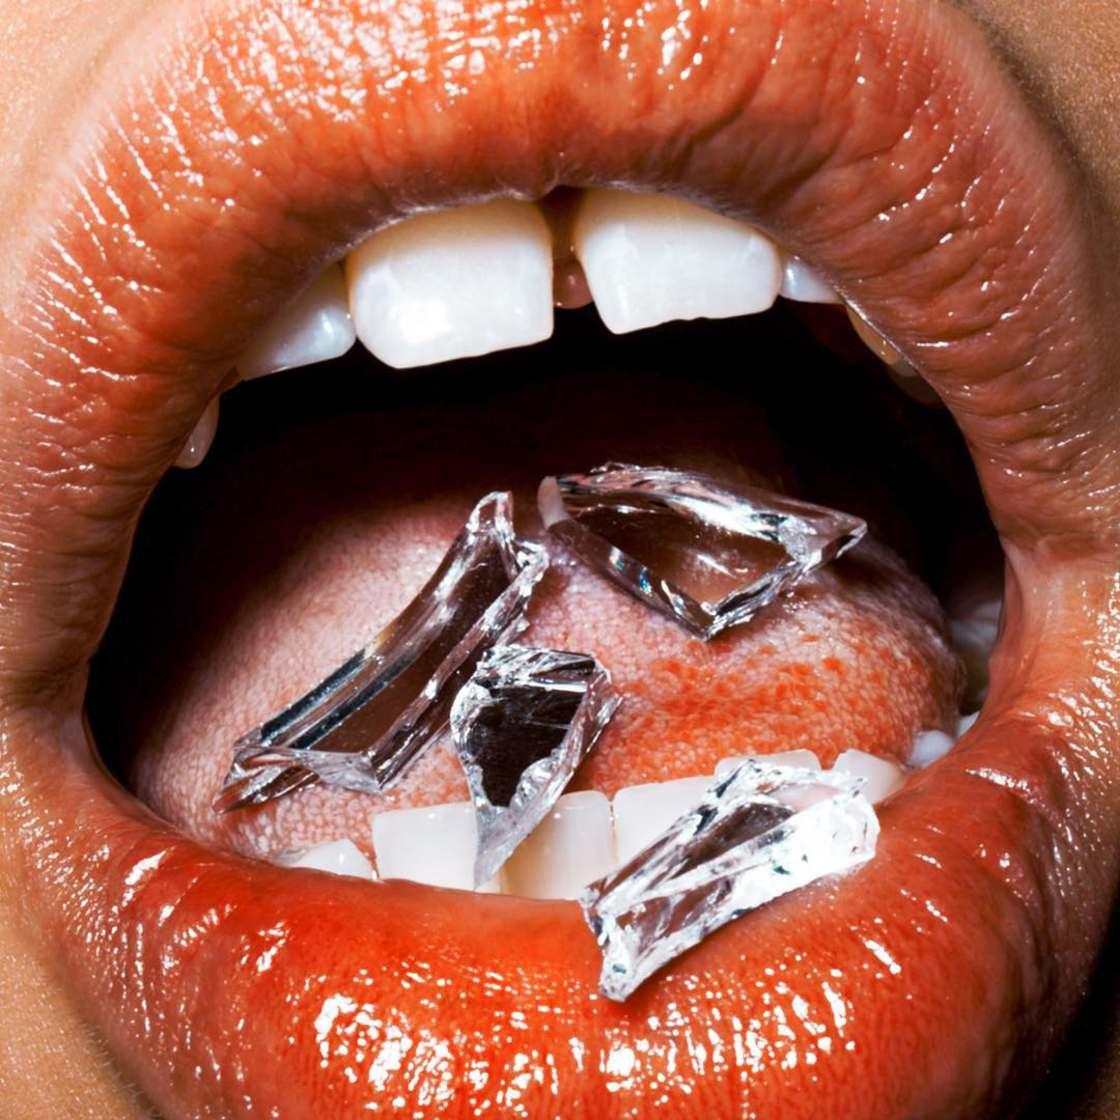 Macro Lips, omaggio alla sensualita femminile di Marius Sperlich | Collater.al 12